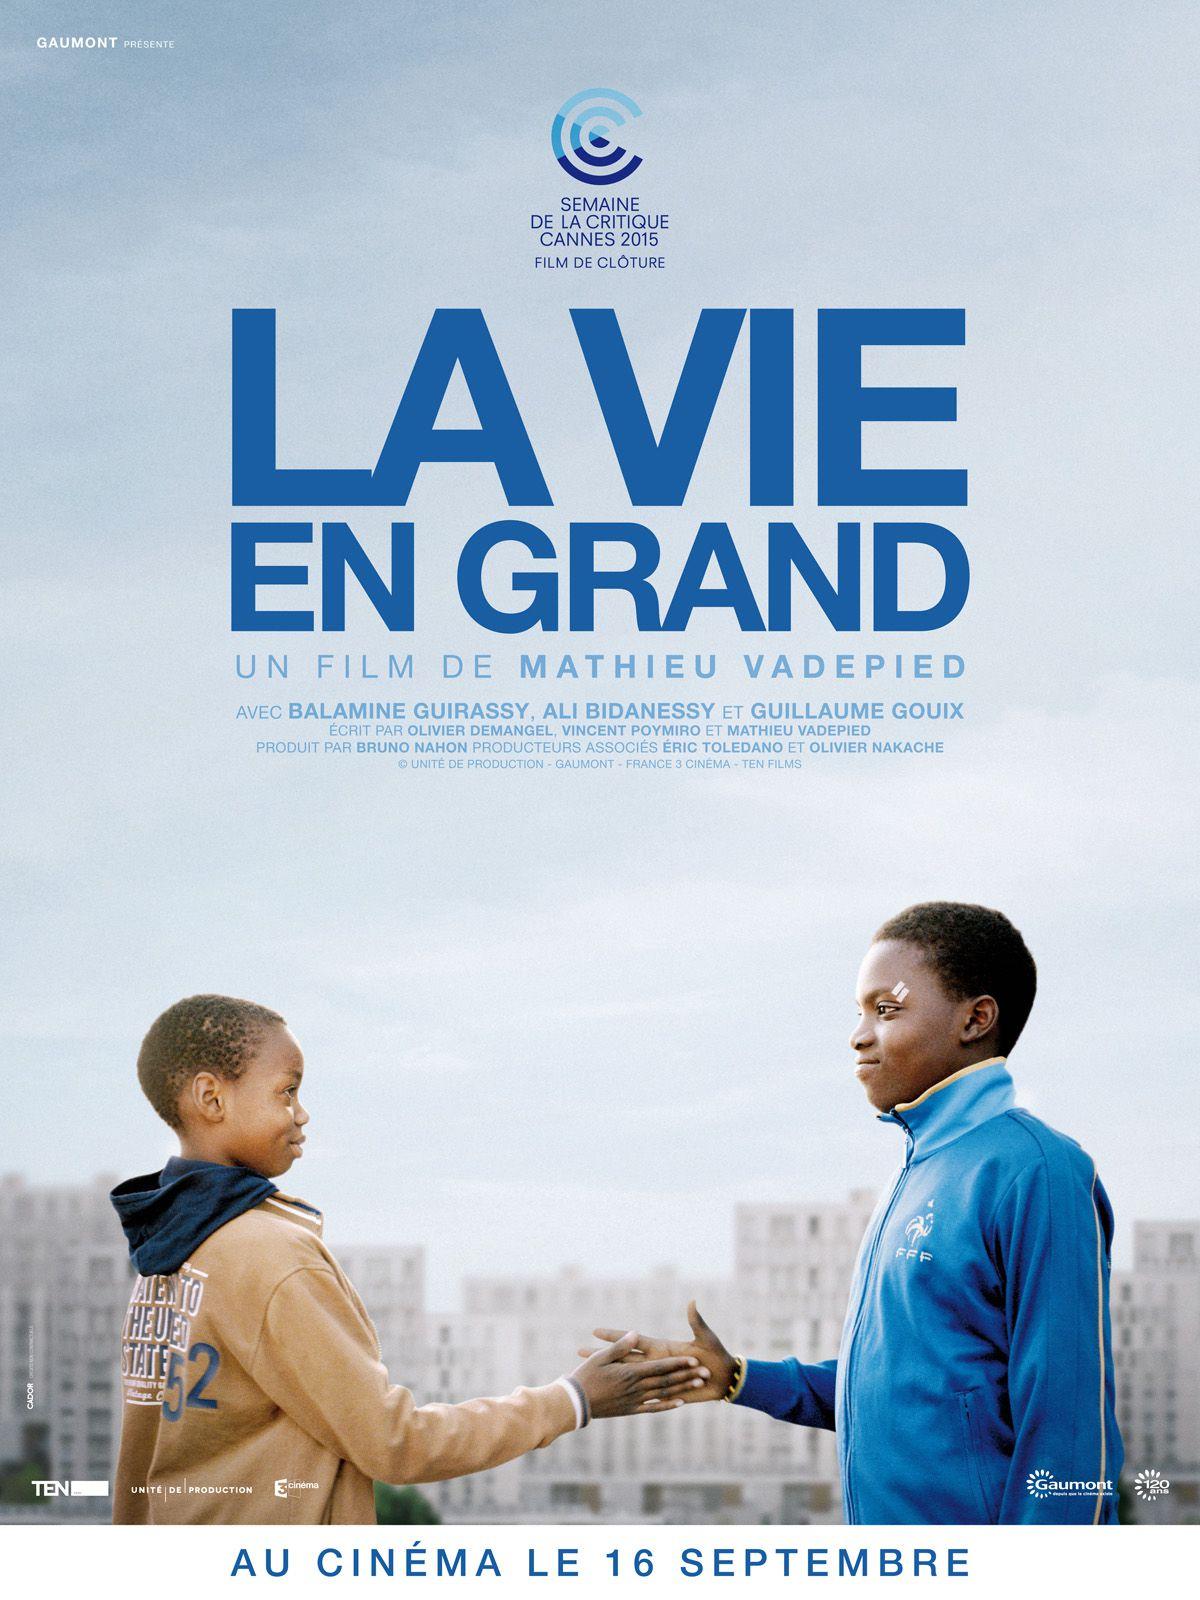 La vie en grand - Film (2015)